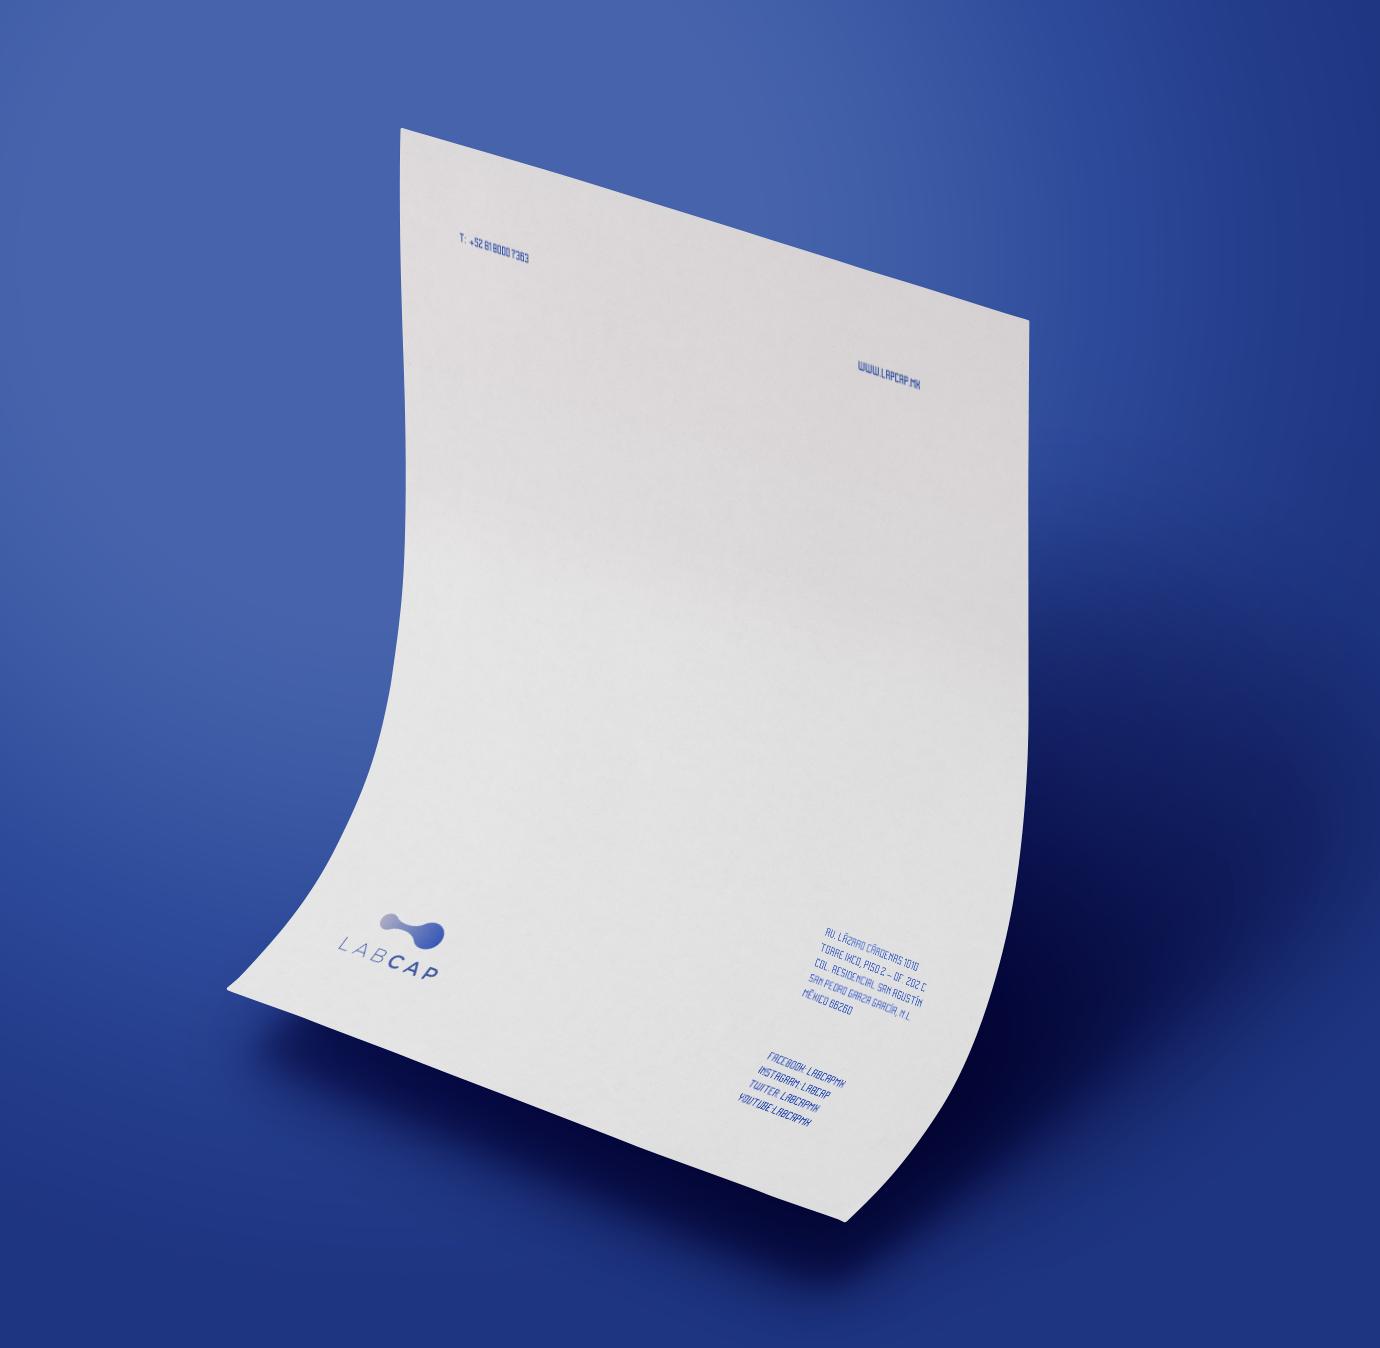 letterhead-labcap-yoenpaperland